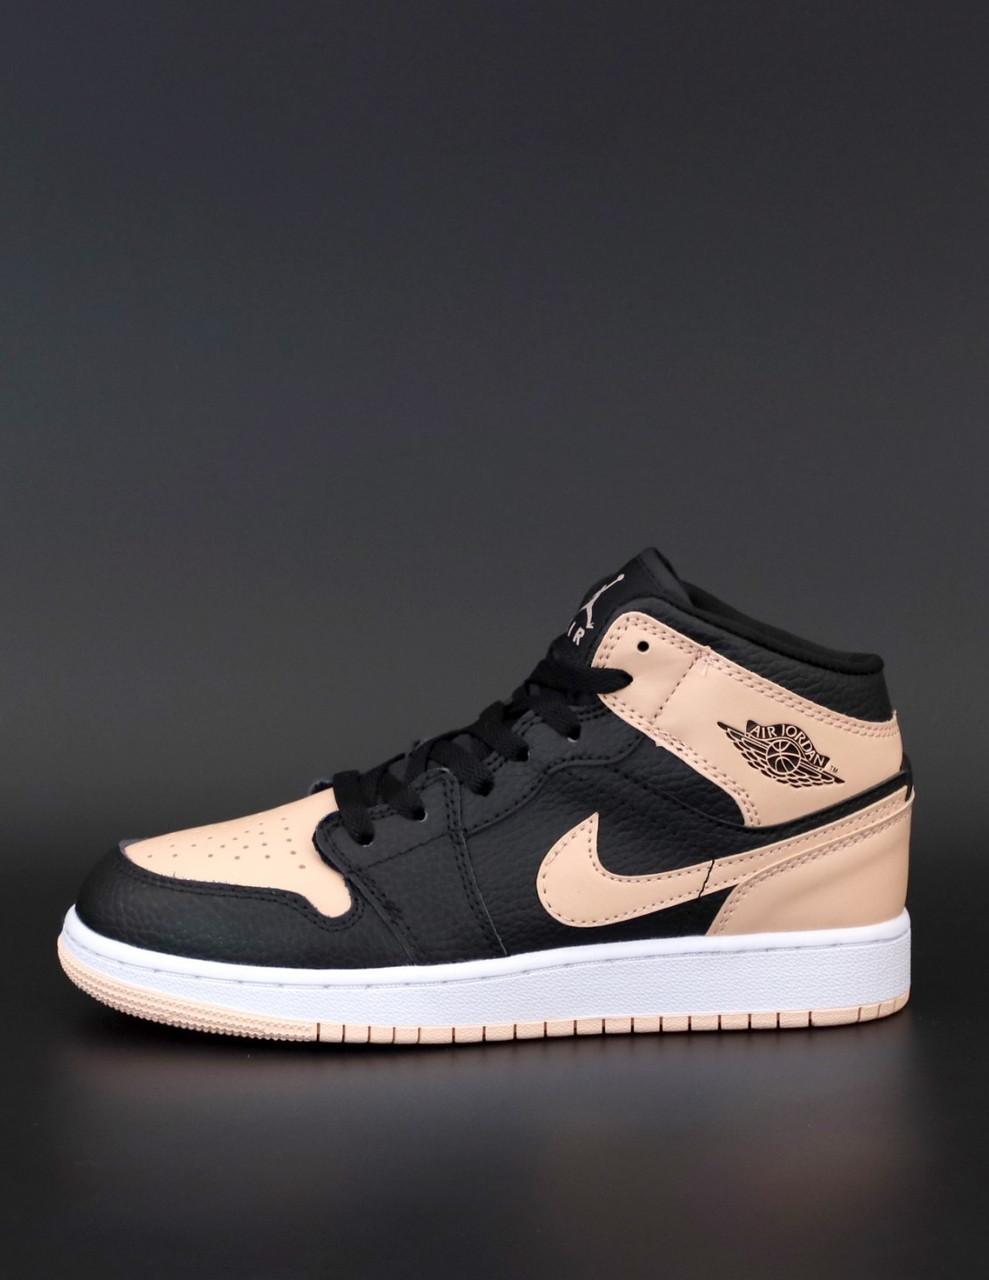 Женские кроссовки Nike Air Jordan 1 Retro High Найк Джордан